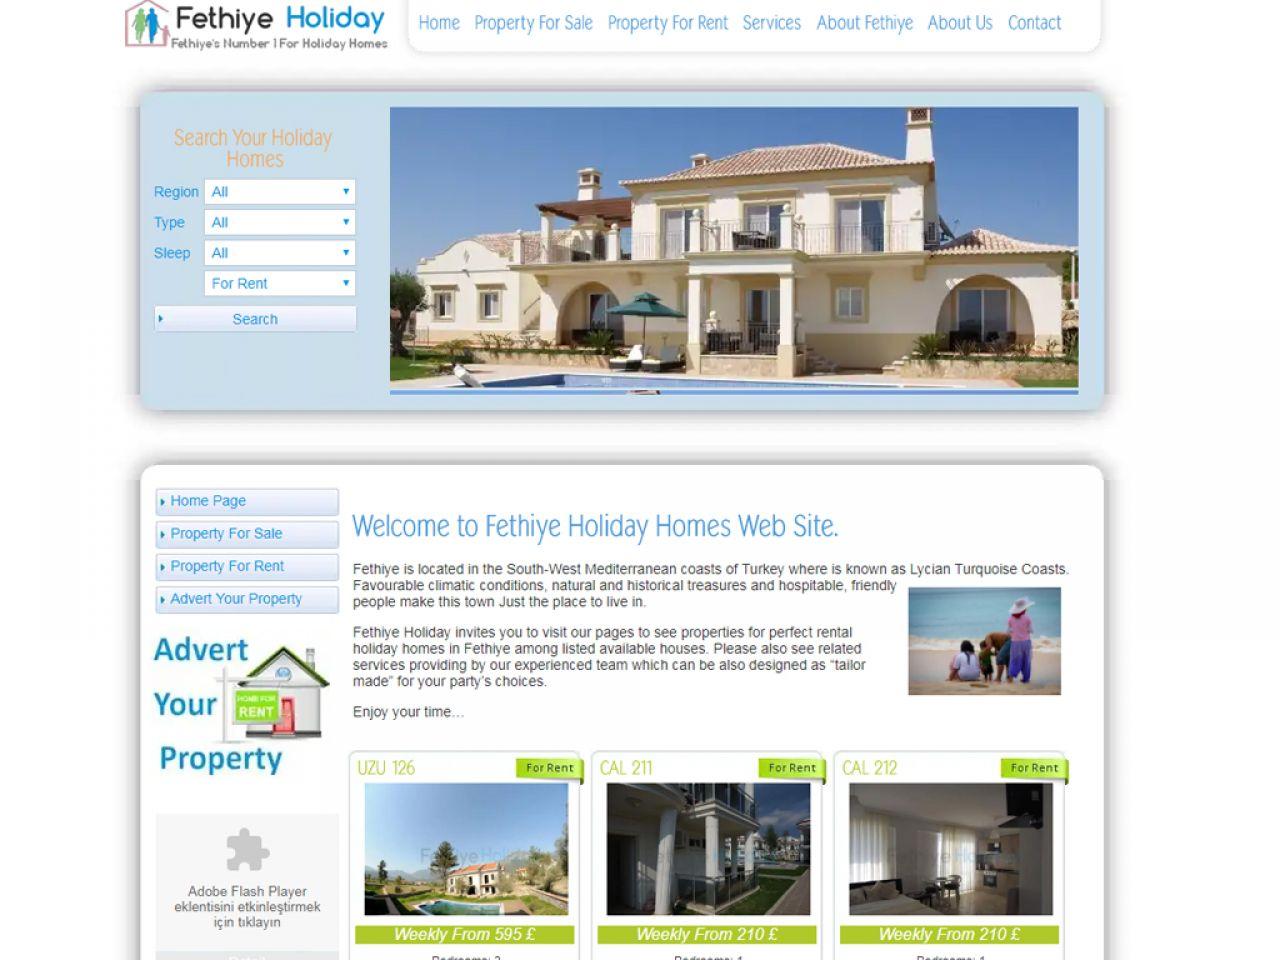 Fethiye Holiday